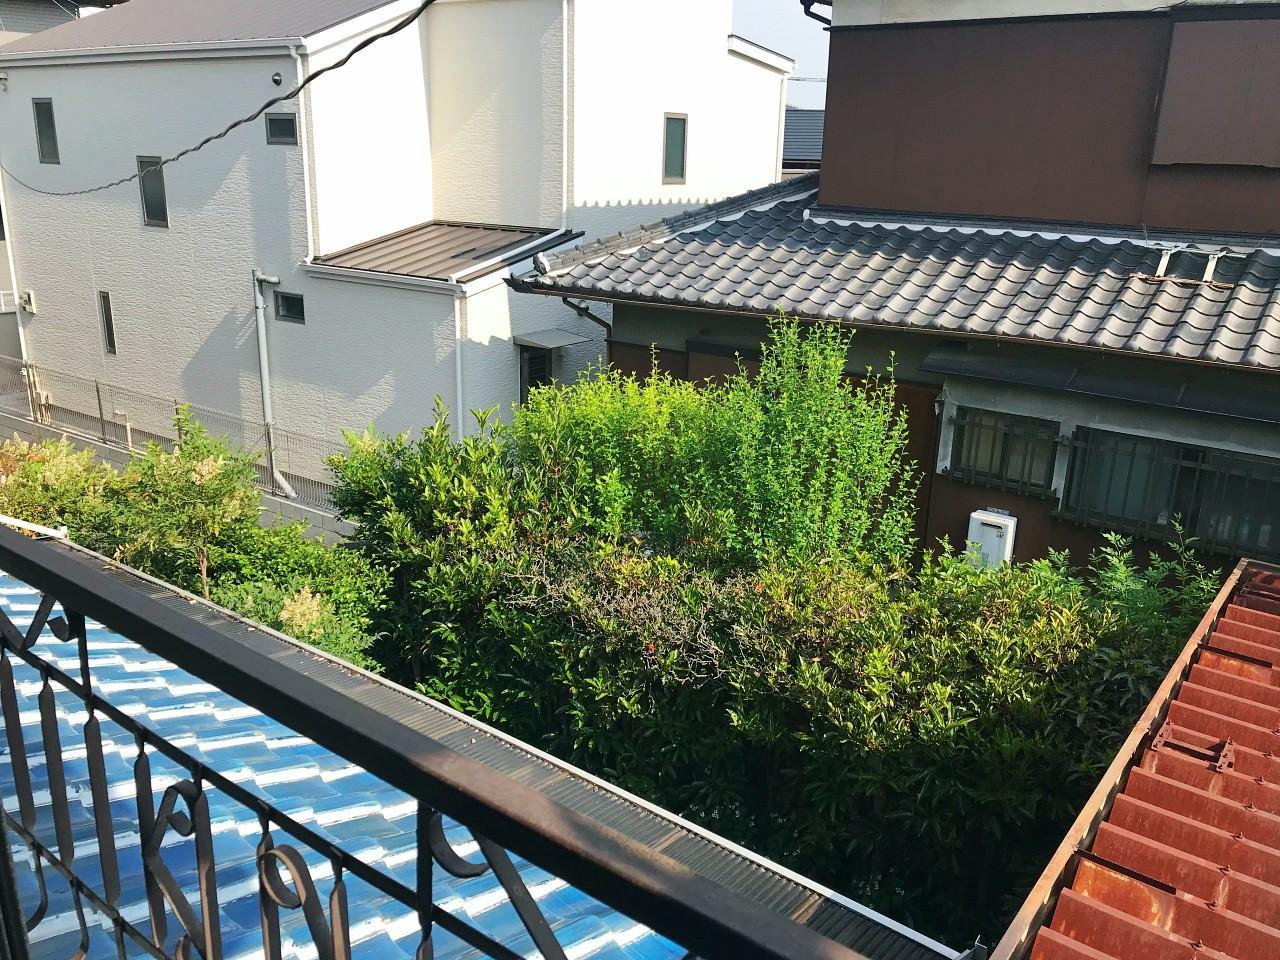 窓からは庭が見渡せます